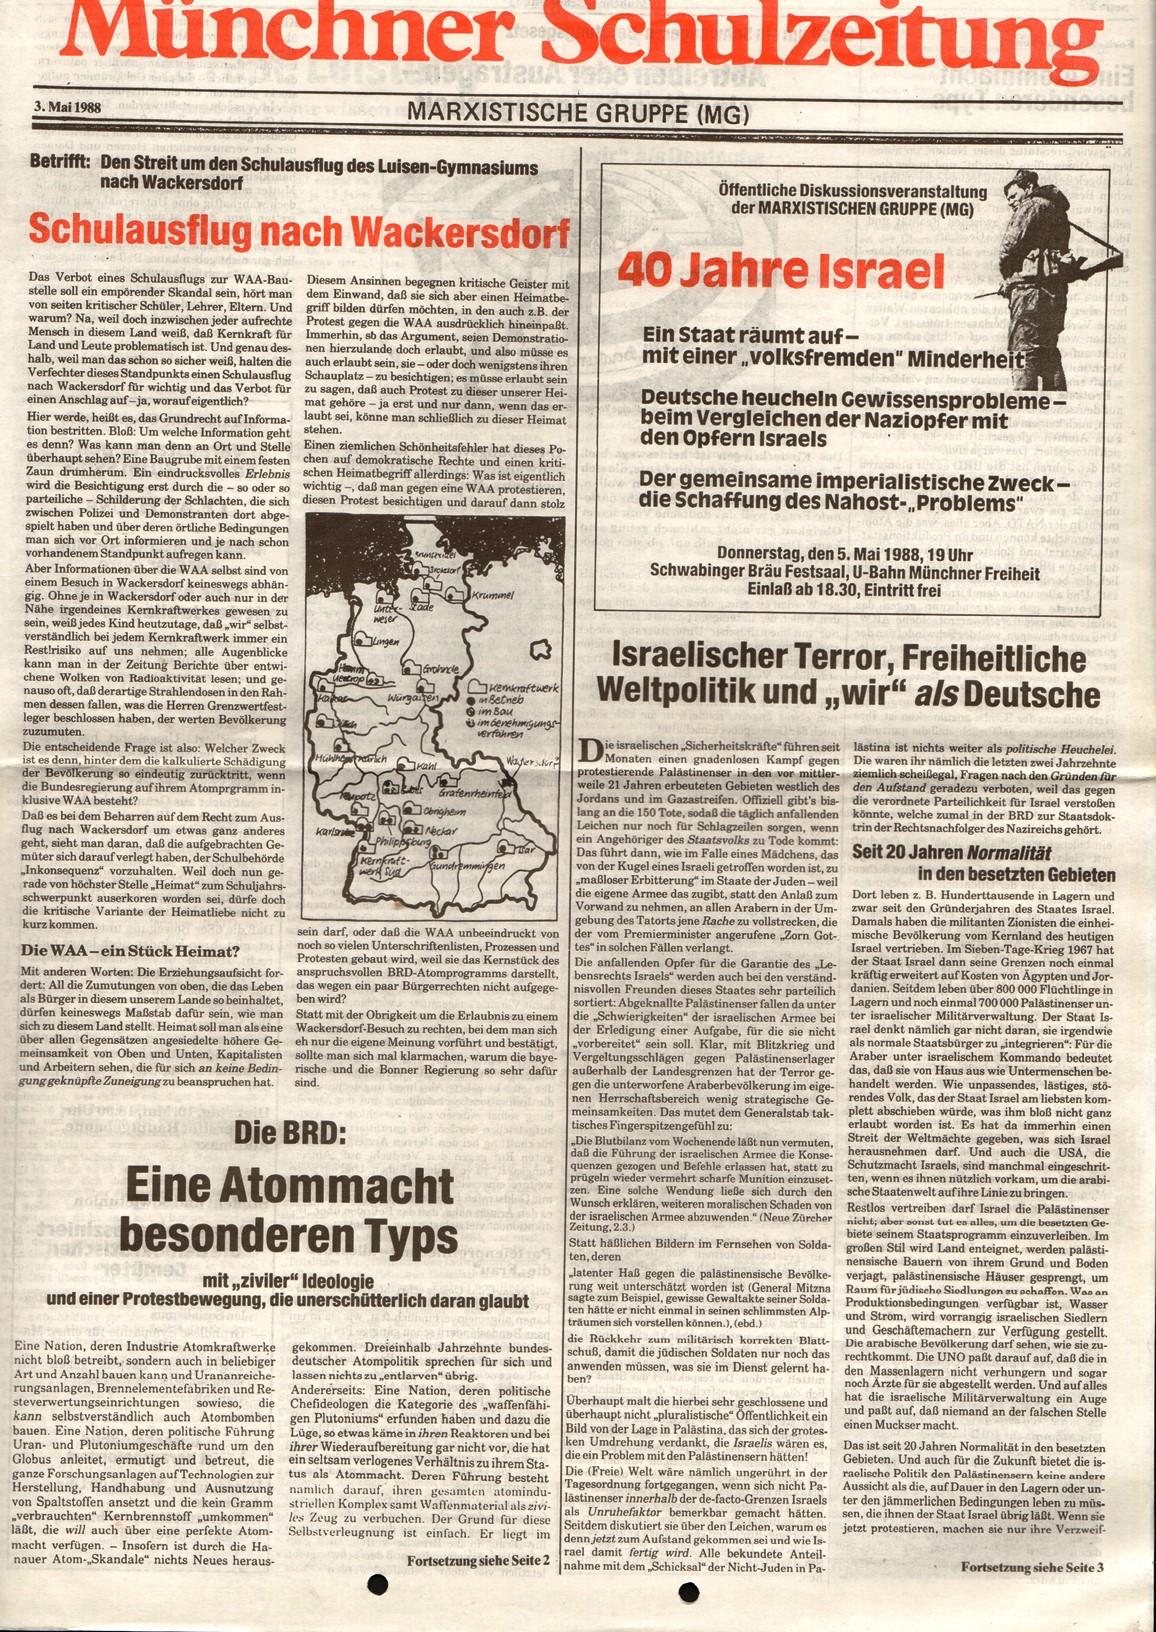 Muenchen_MG_Schulzeitung_19880503_01